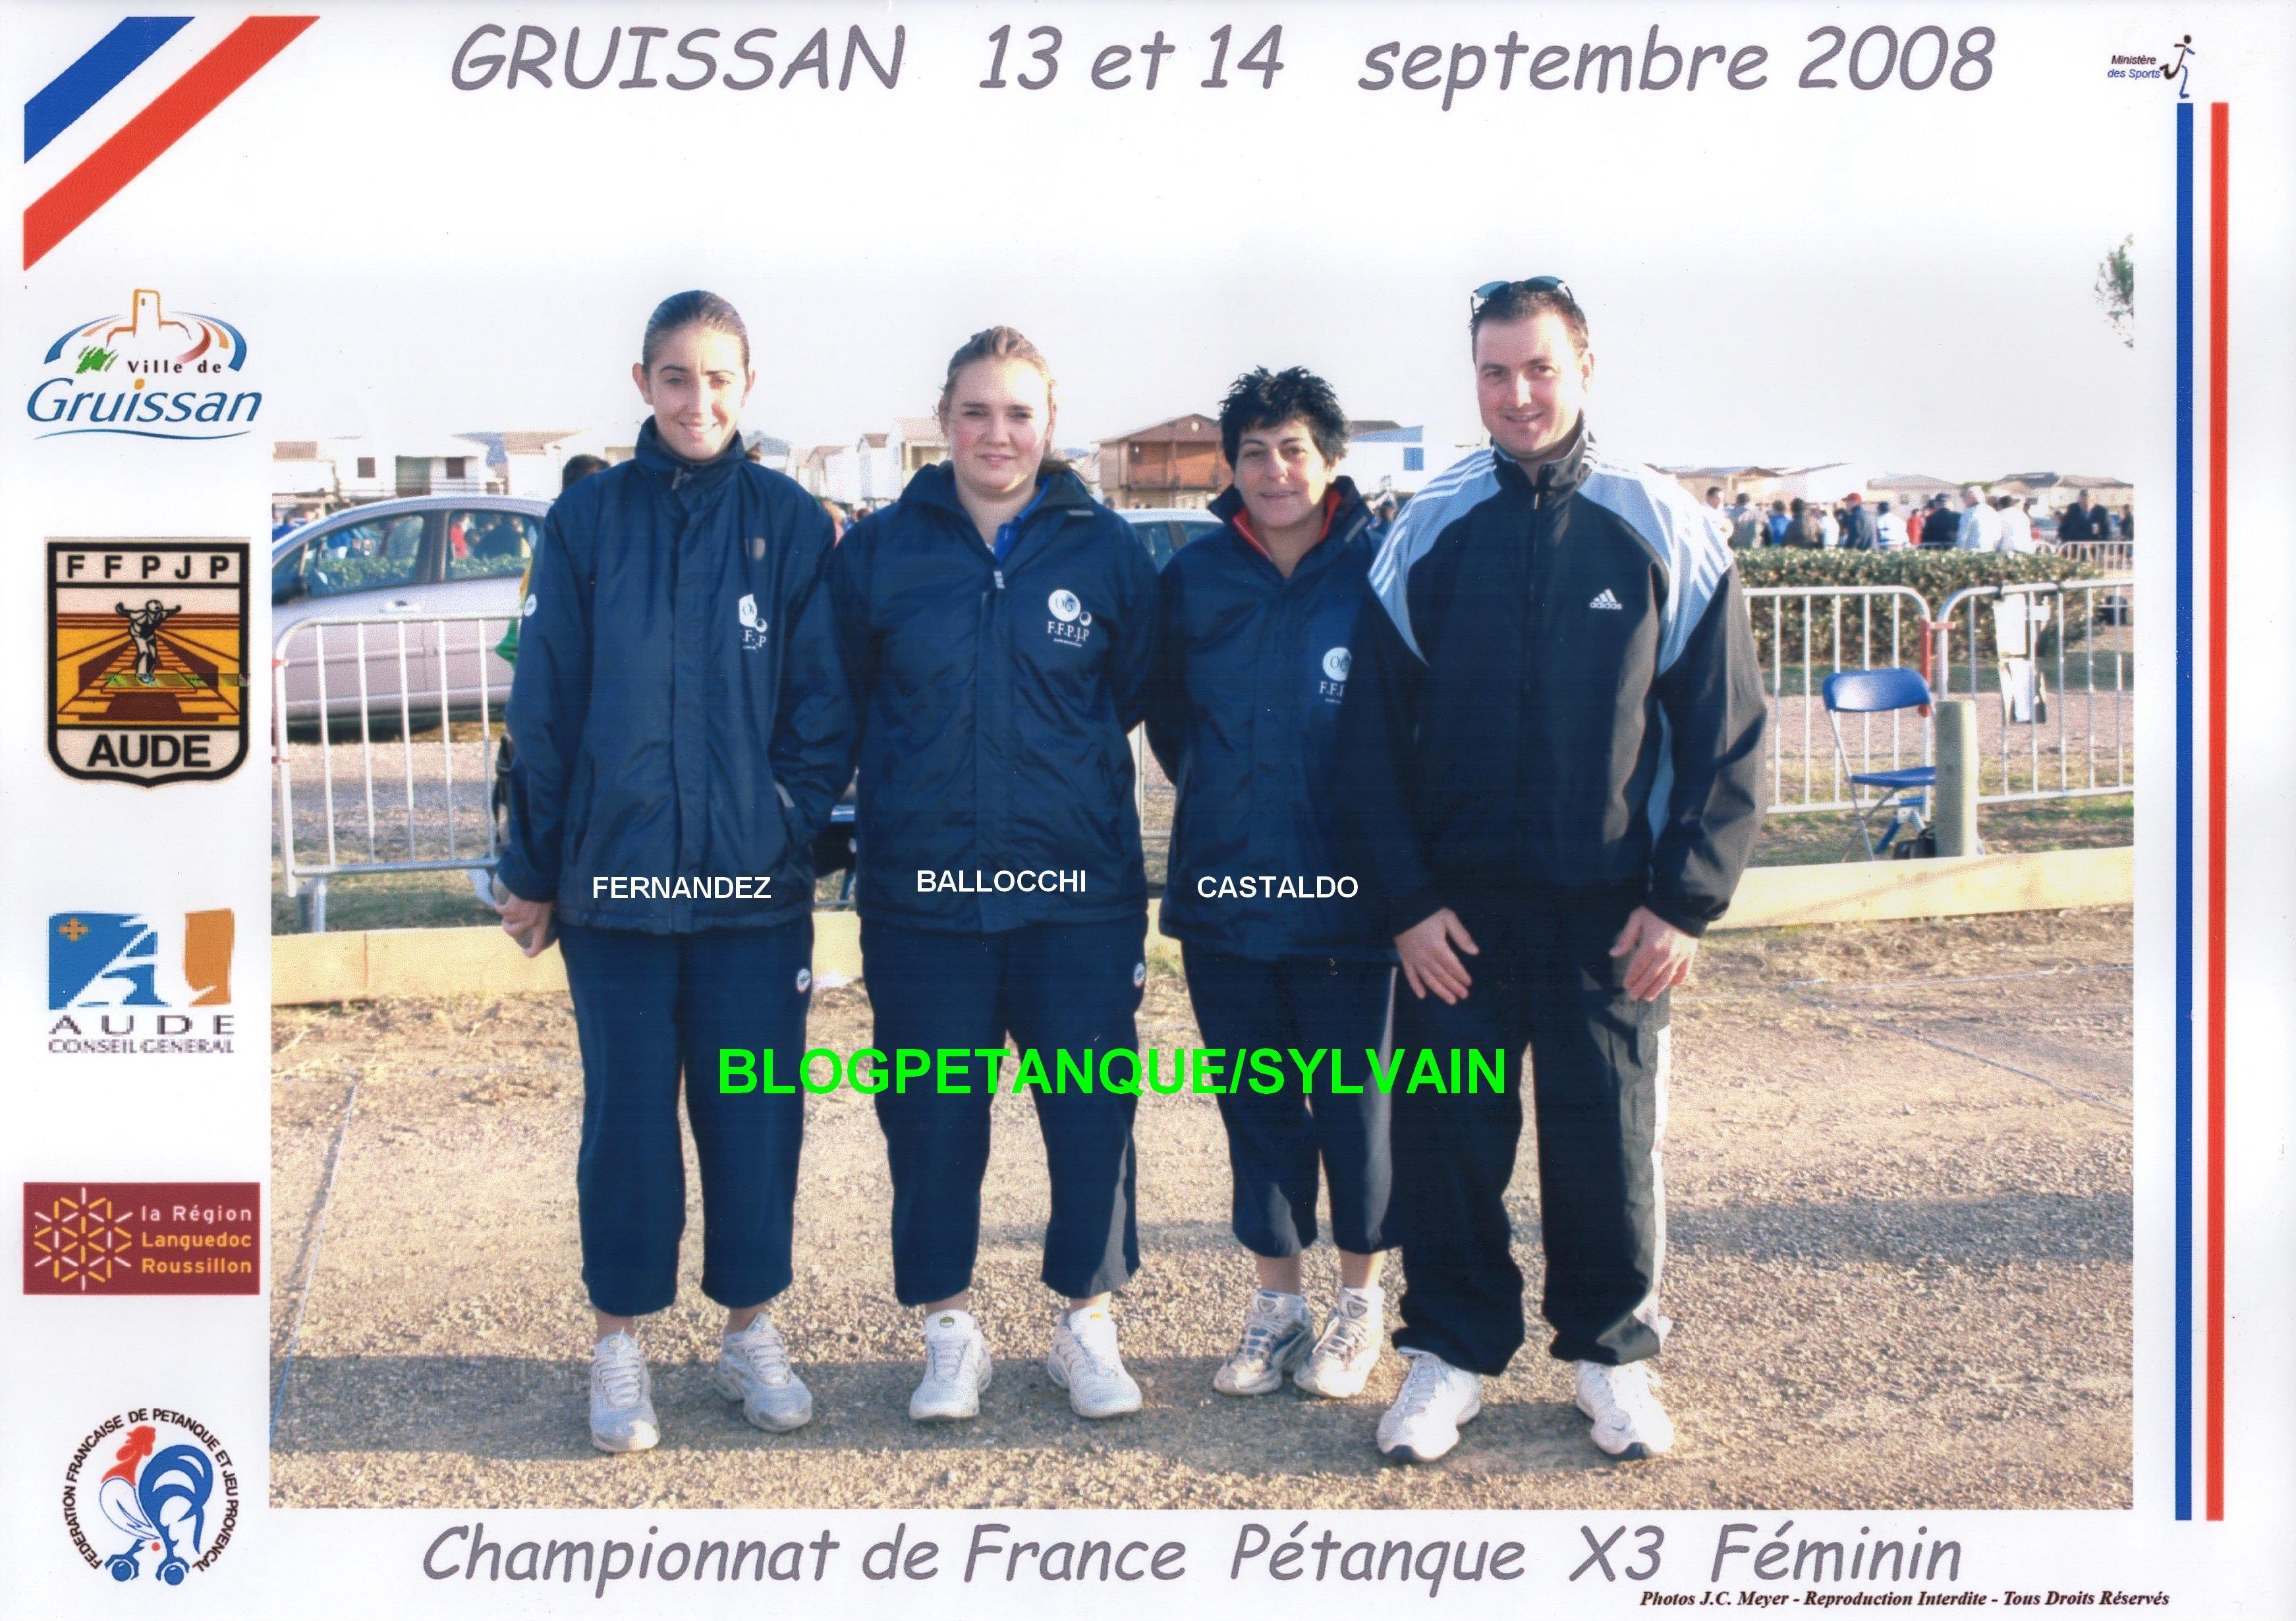 Les champions de France 2007 qualifiés d'office